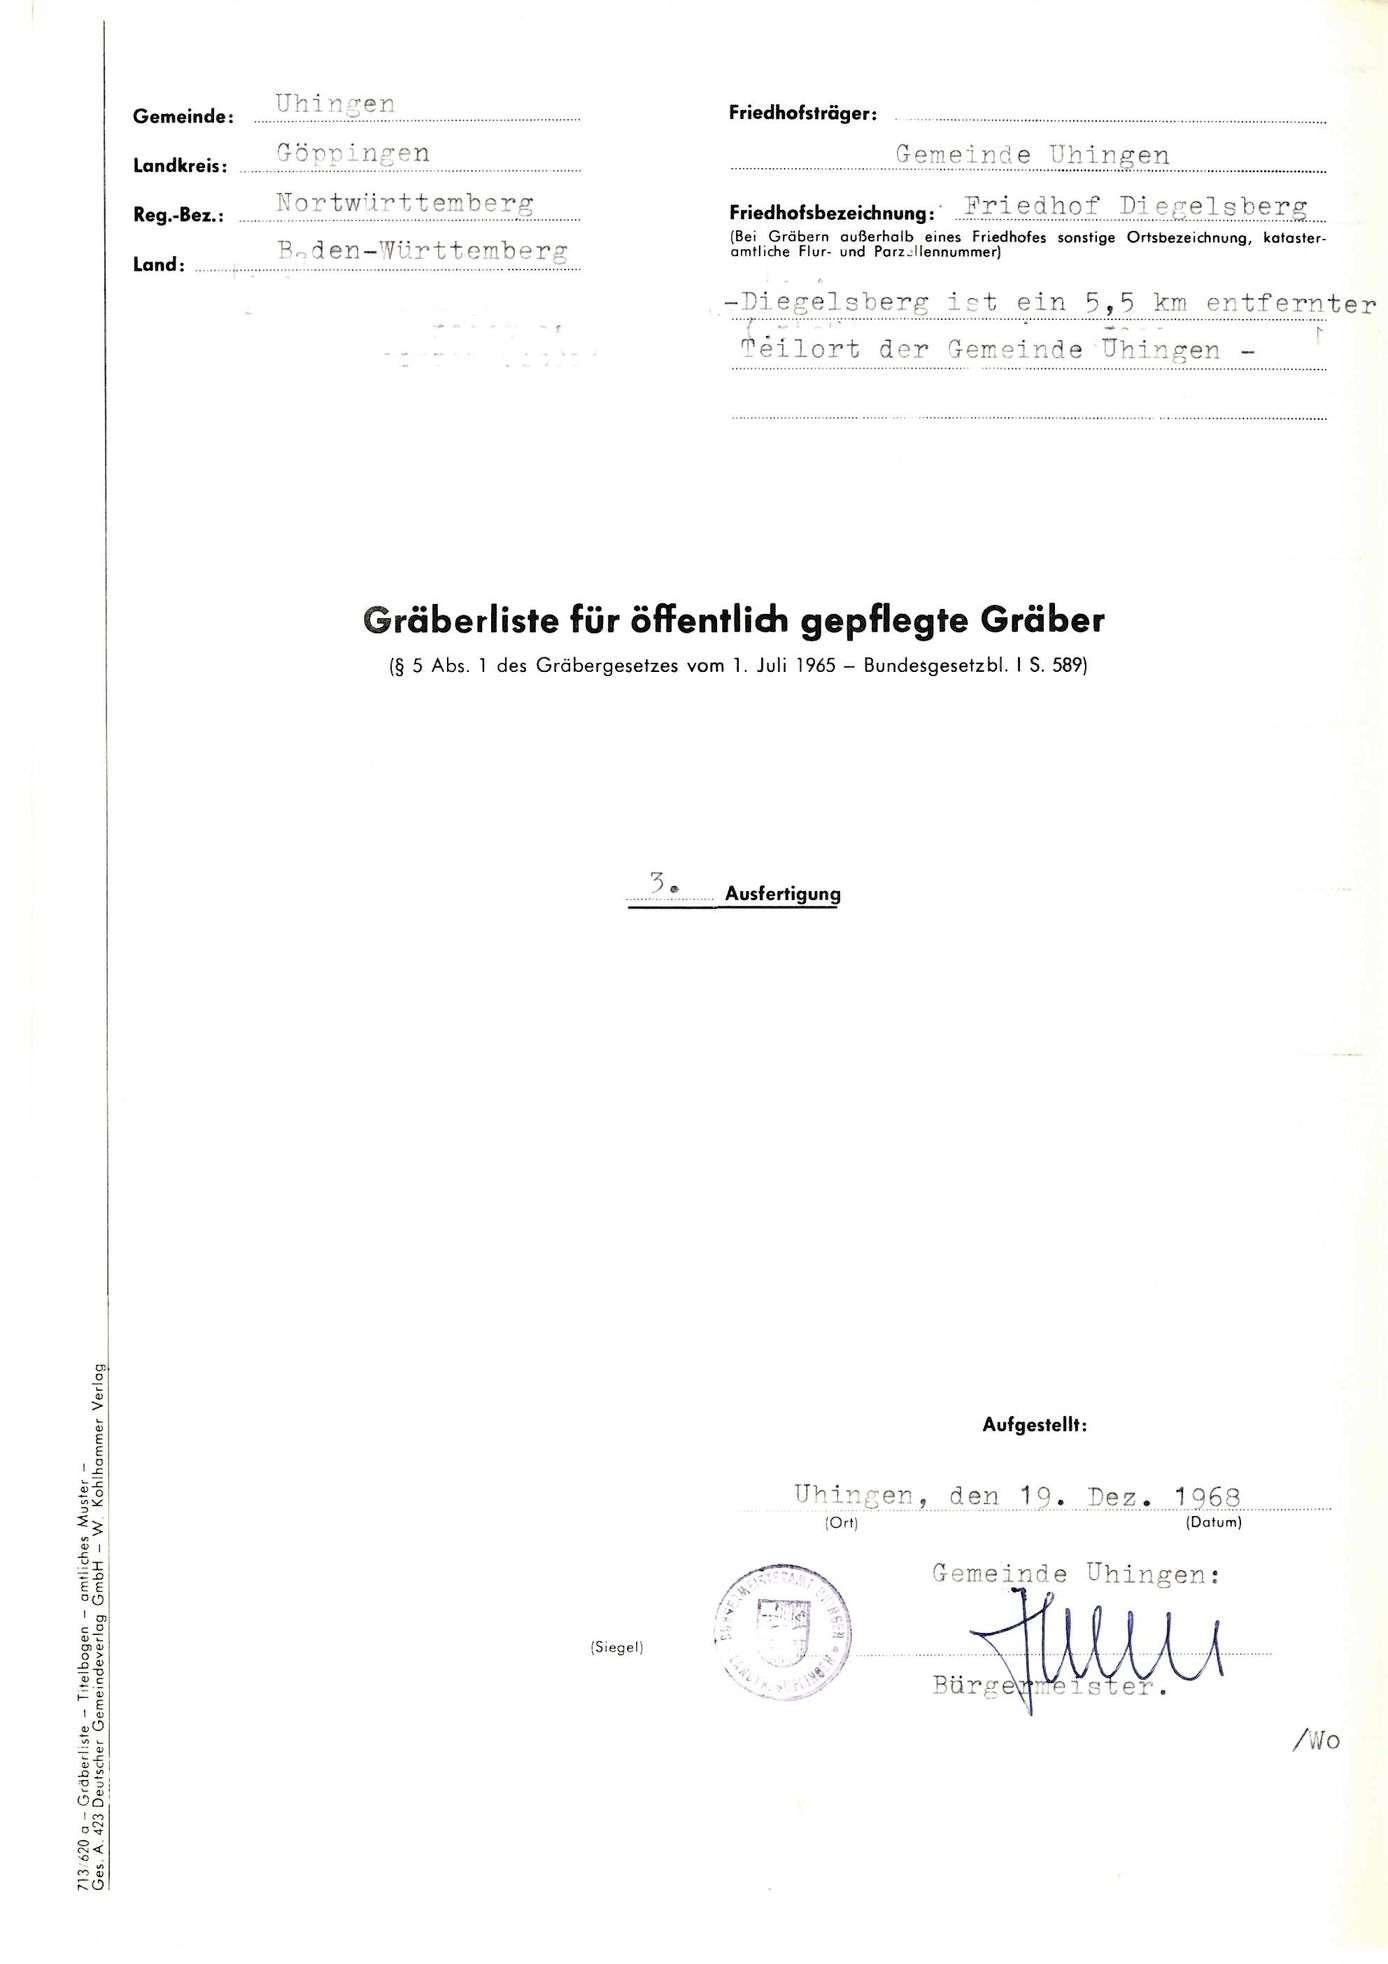 Diegelsberg, Bild 1